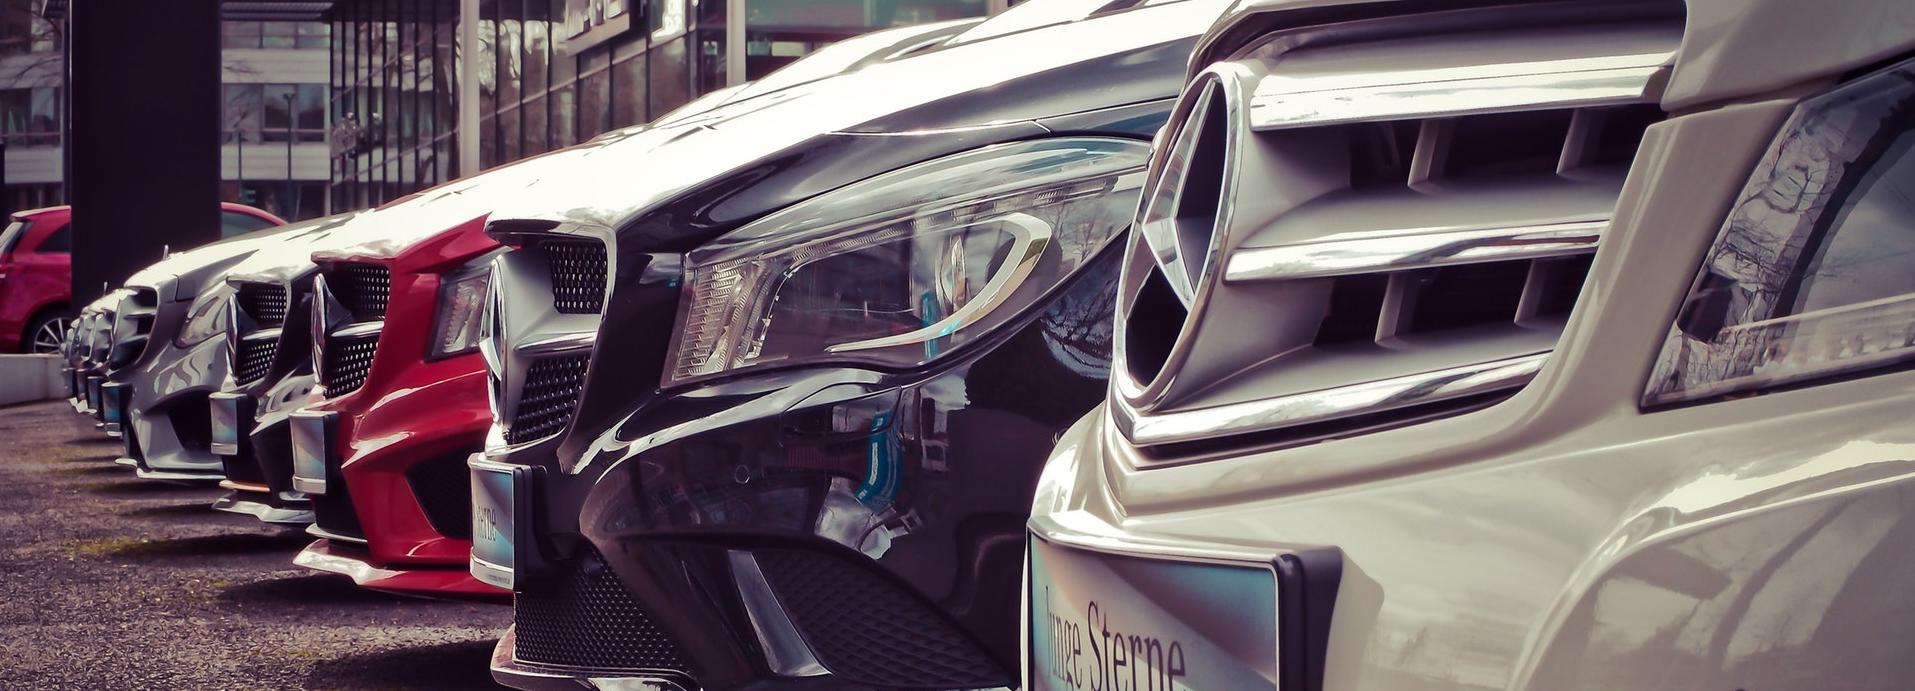 coches aparcados en fila